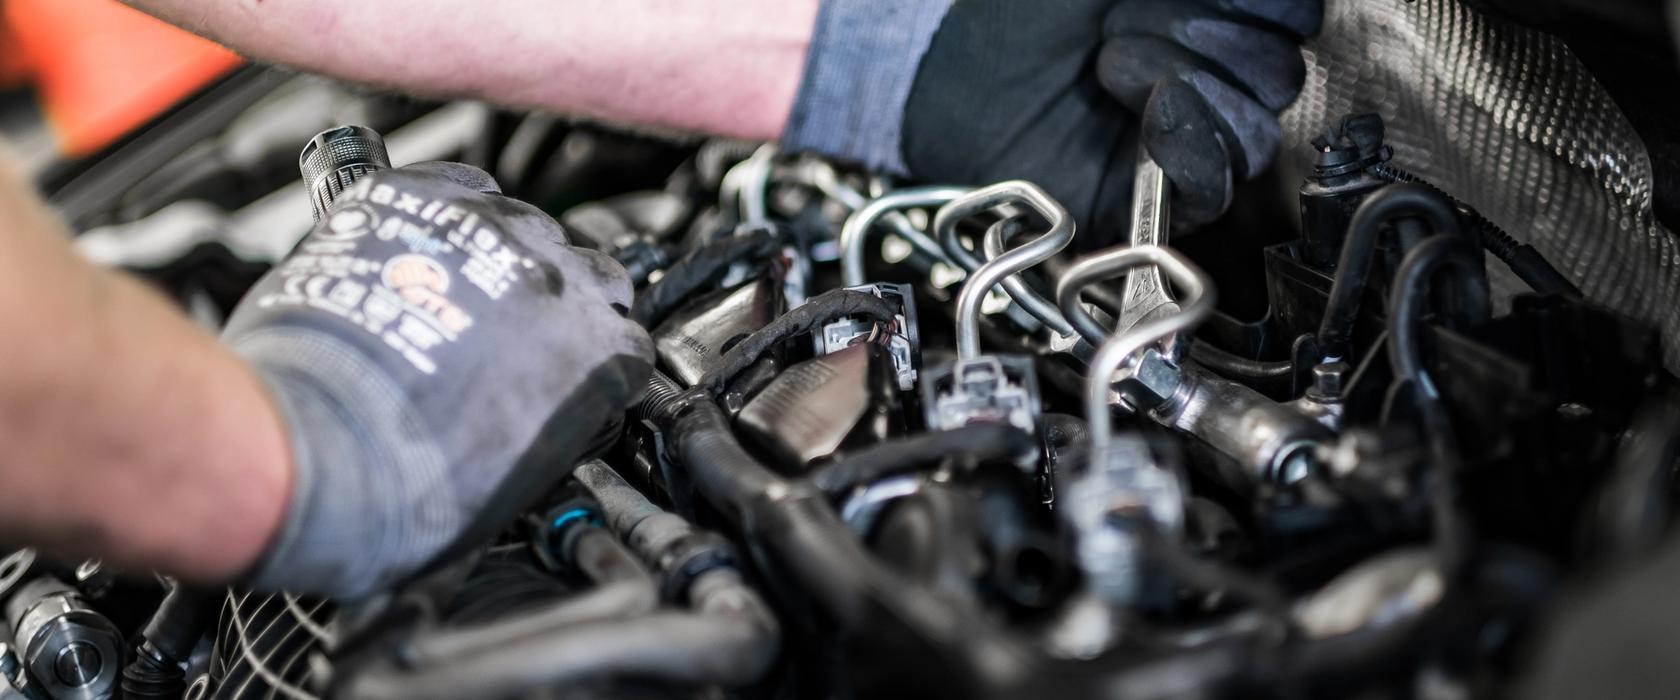 En mekaniker som skrur på motoren i en bil